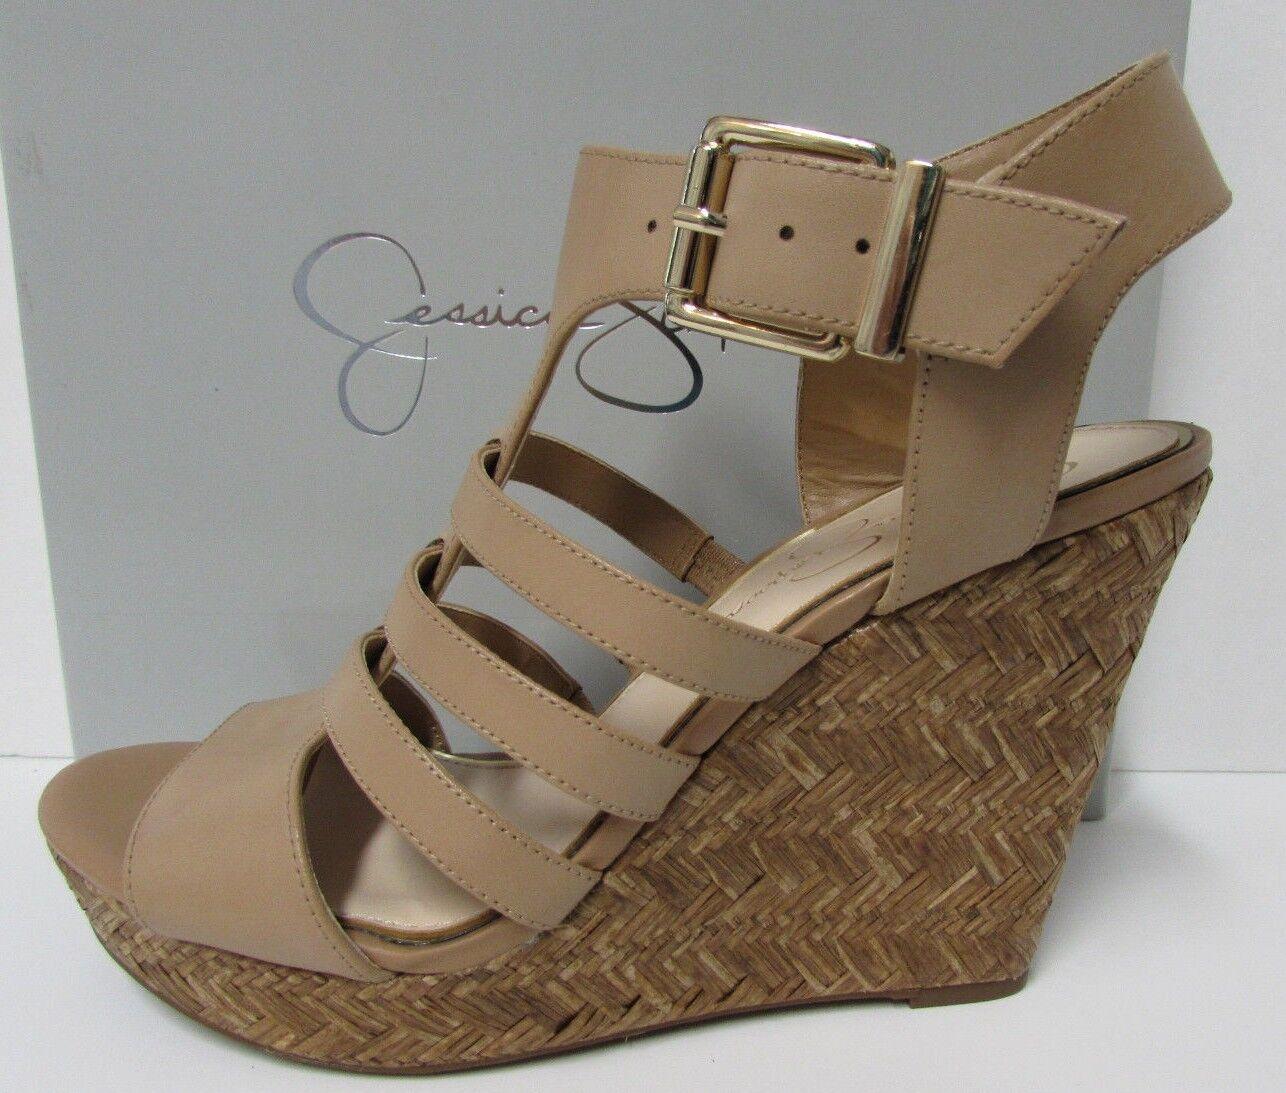 Jessica Simpson Größe 9 Beige Leder Wedge Heels New Damenschuhe Schuhes